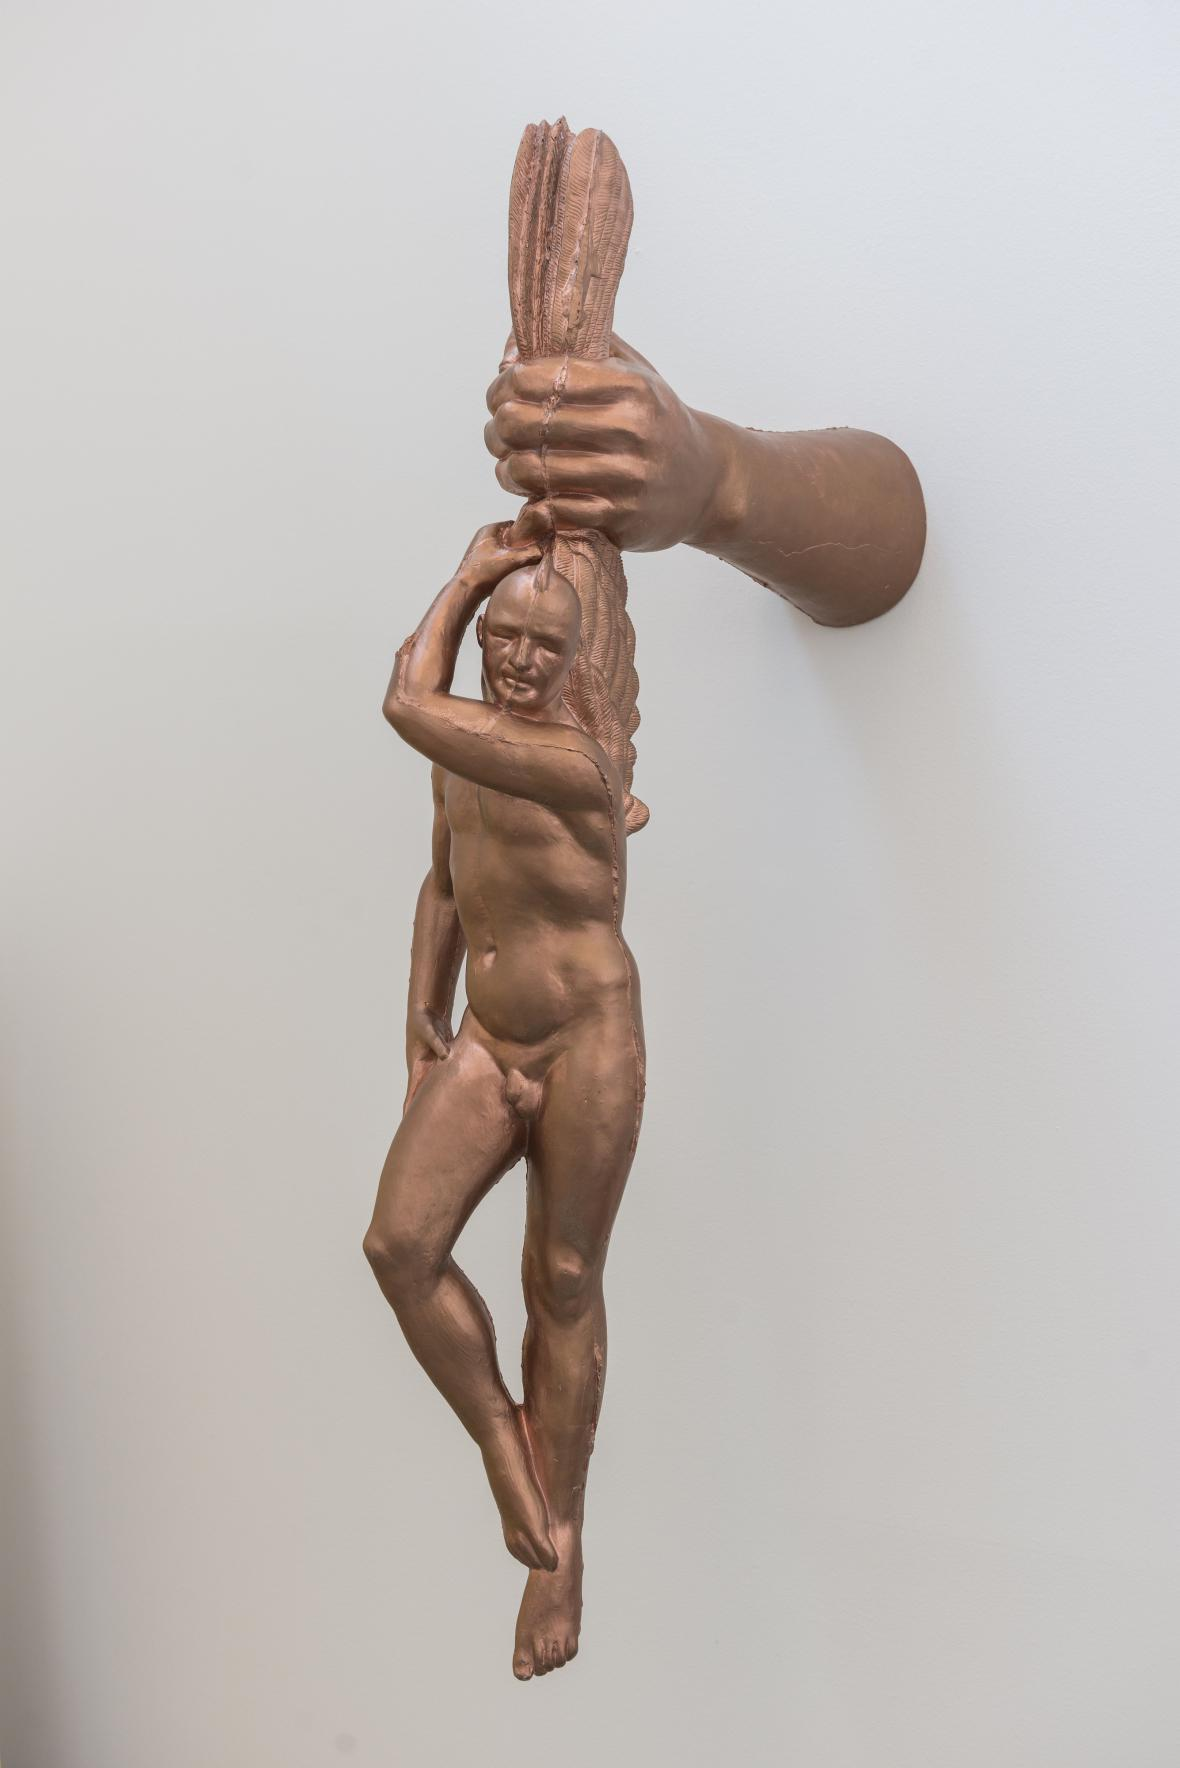 Ján Macko / Neviditelná ruka trhu, 2011